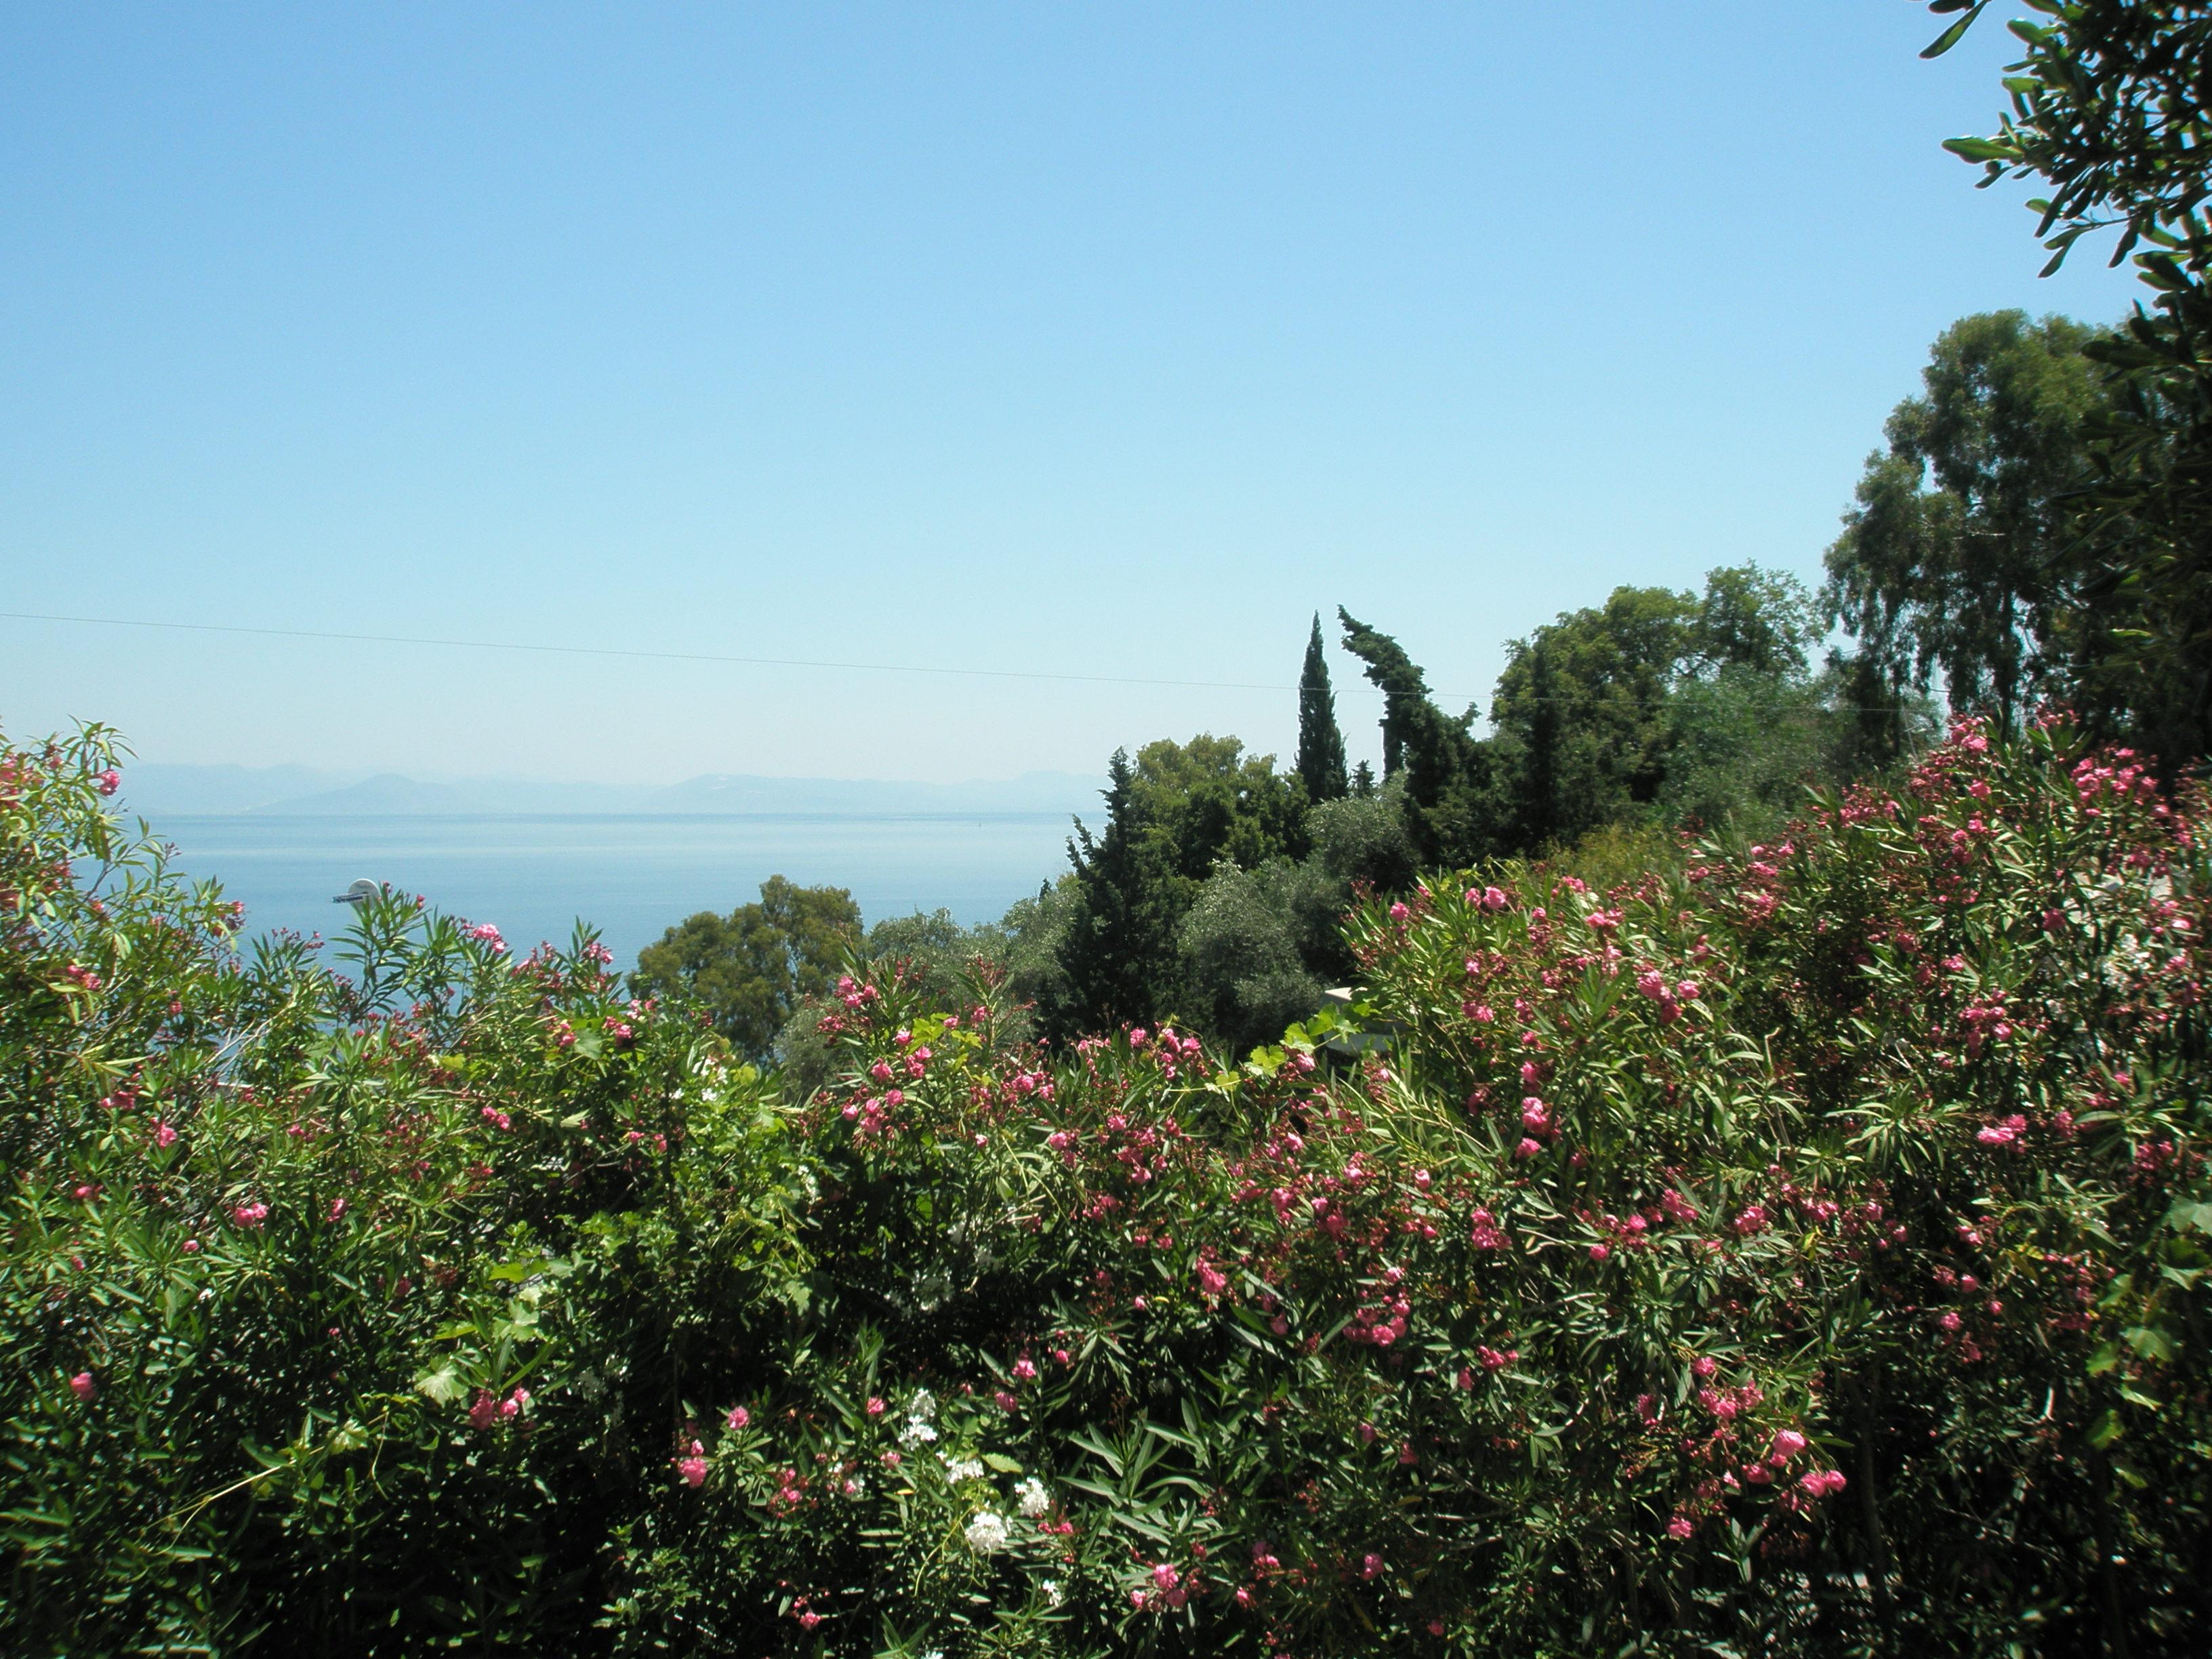 Maison de vacances Entspannte Ferien ein paar Schritte vom Meer entfernt und mit einem Gefhl der Privatsphre (2378713), Moraitika, Corfou, Iles Ioniennes, Grèce, image 4